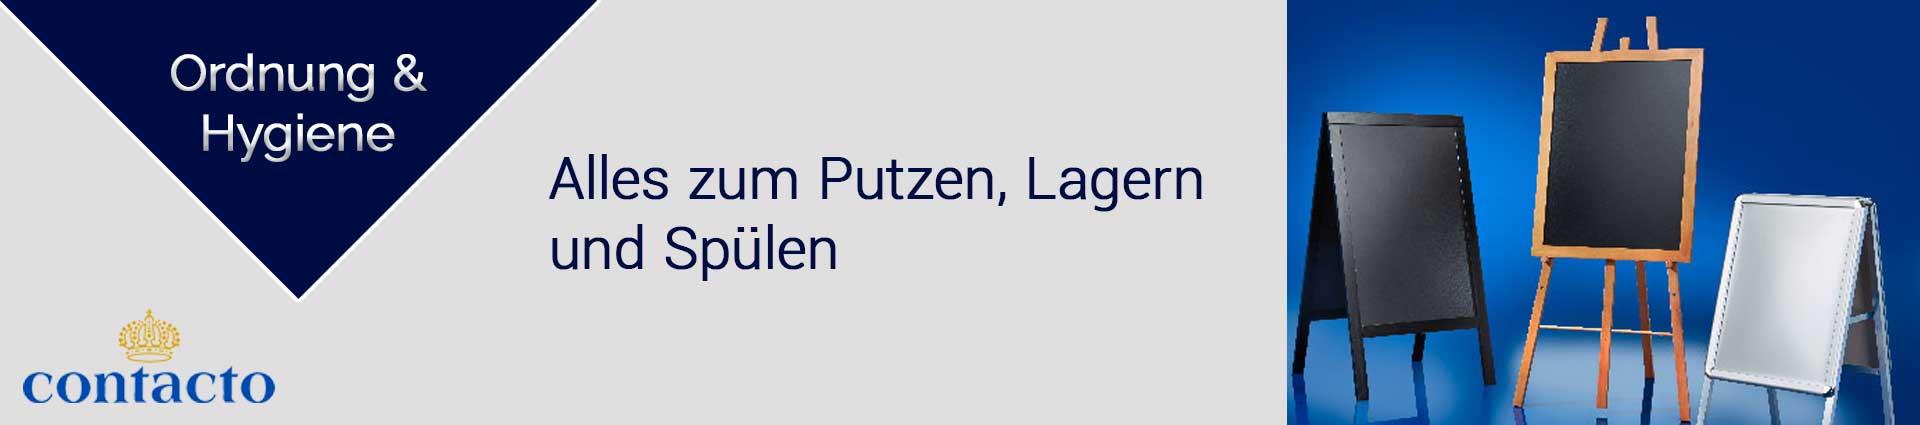 Contacto Werben und Leiten Banner